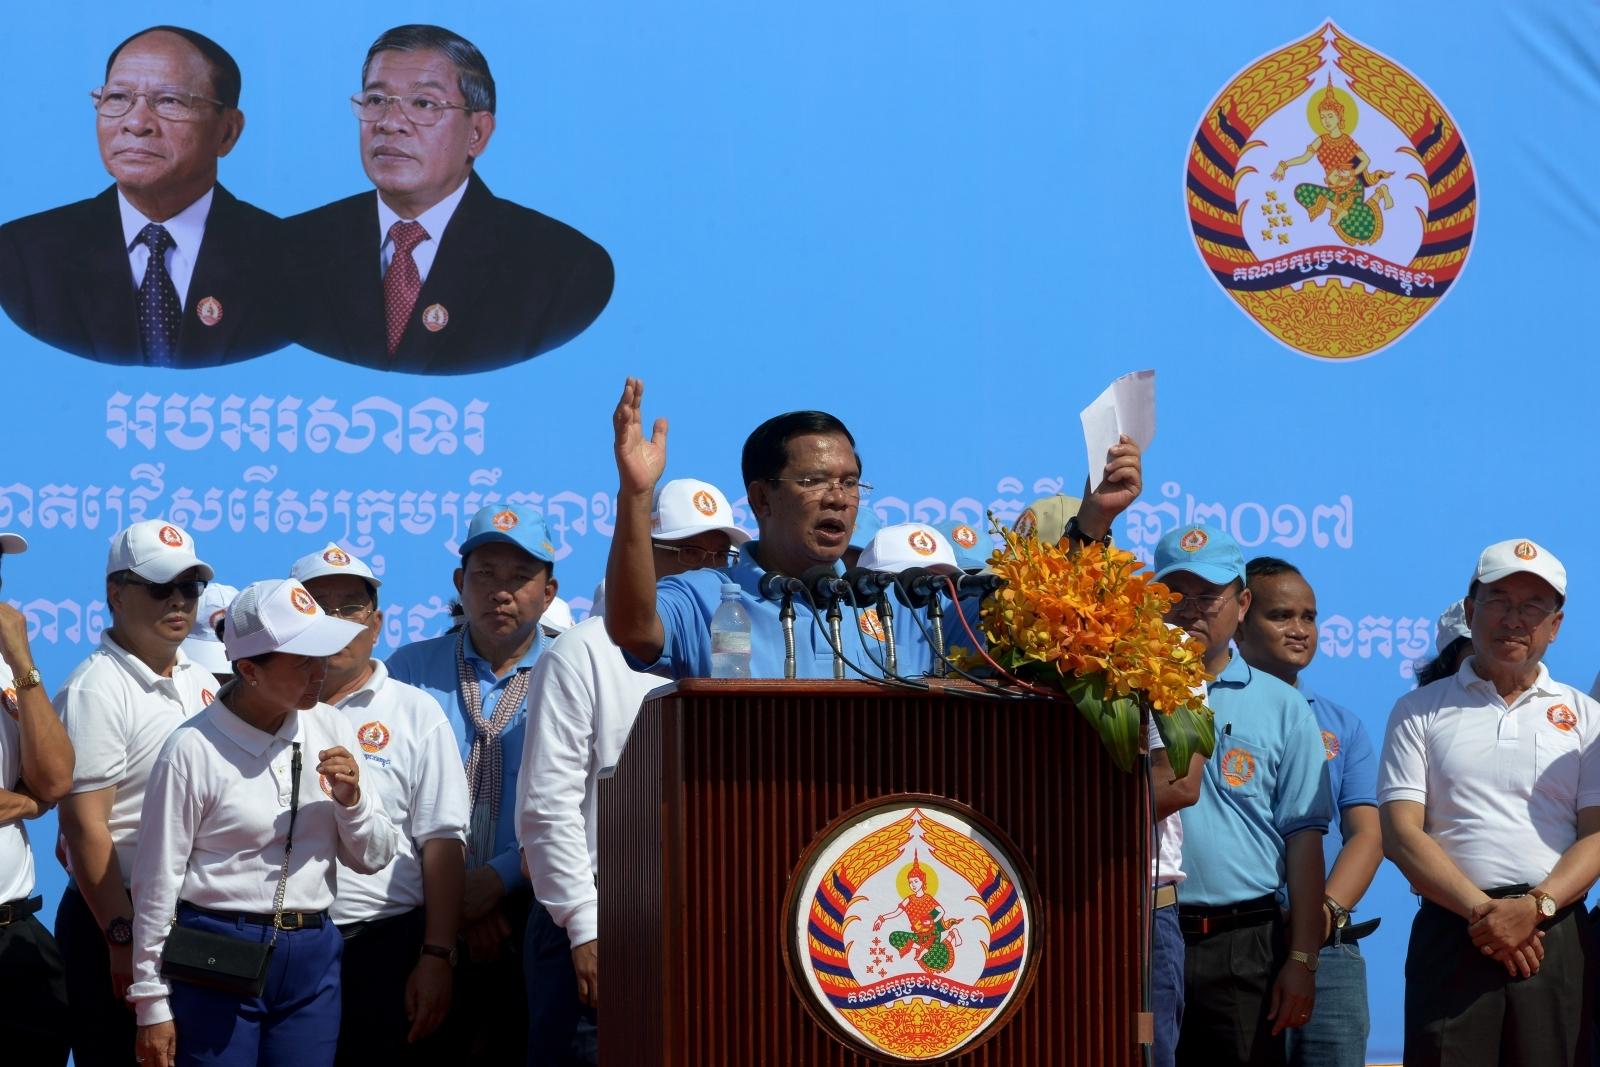 Cambodian Prime Minister Hun Sen campaigns